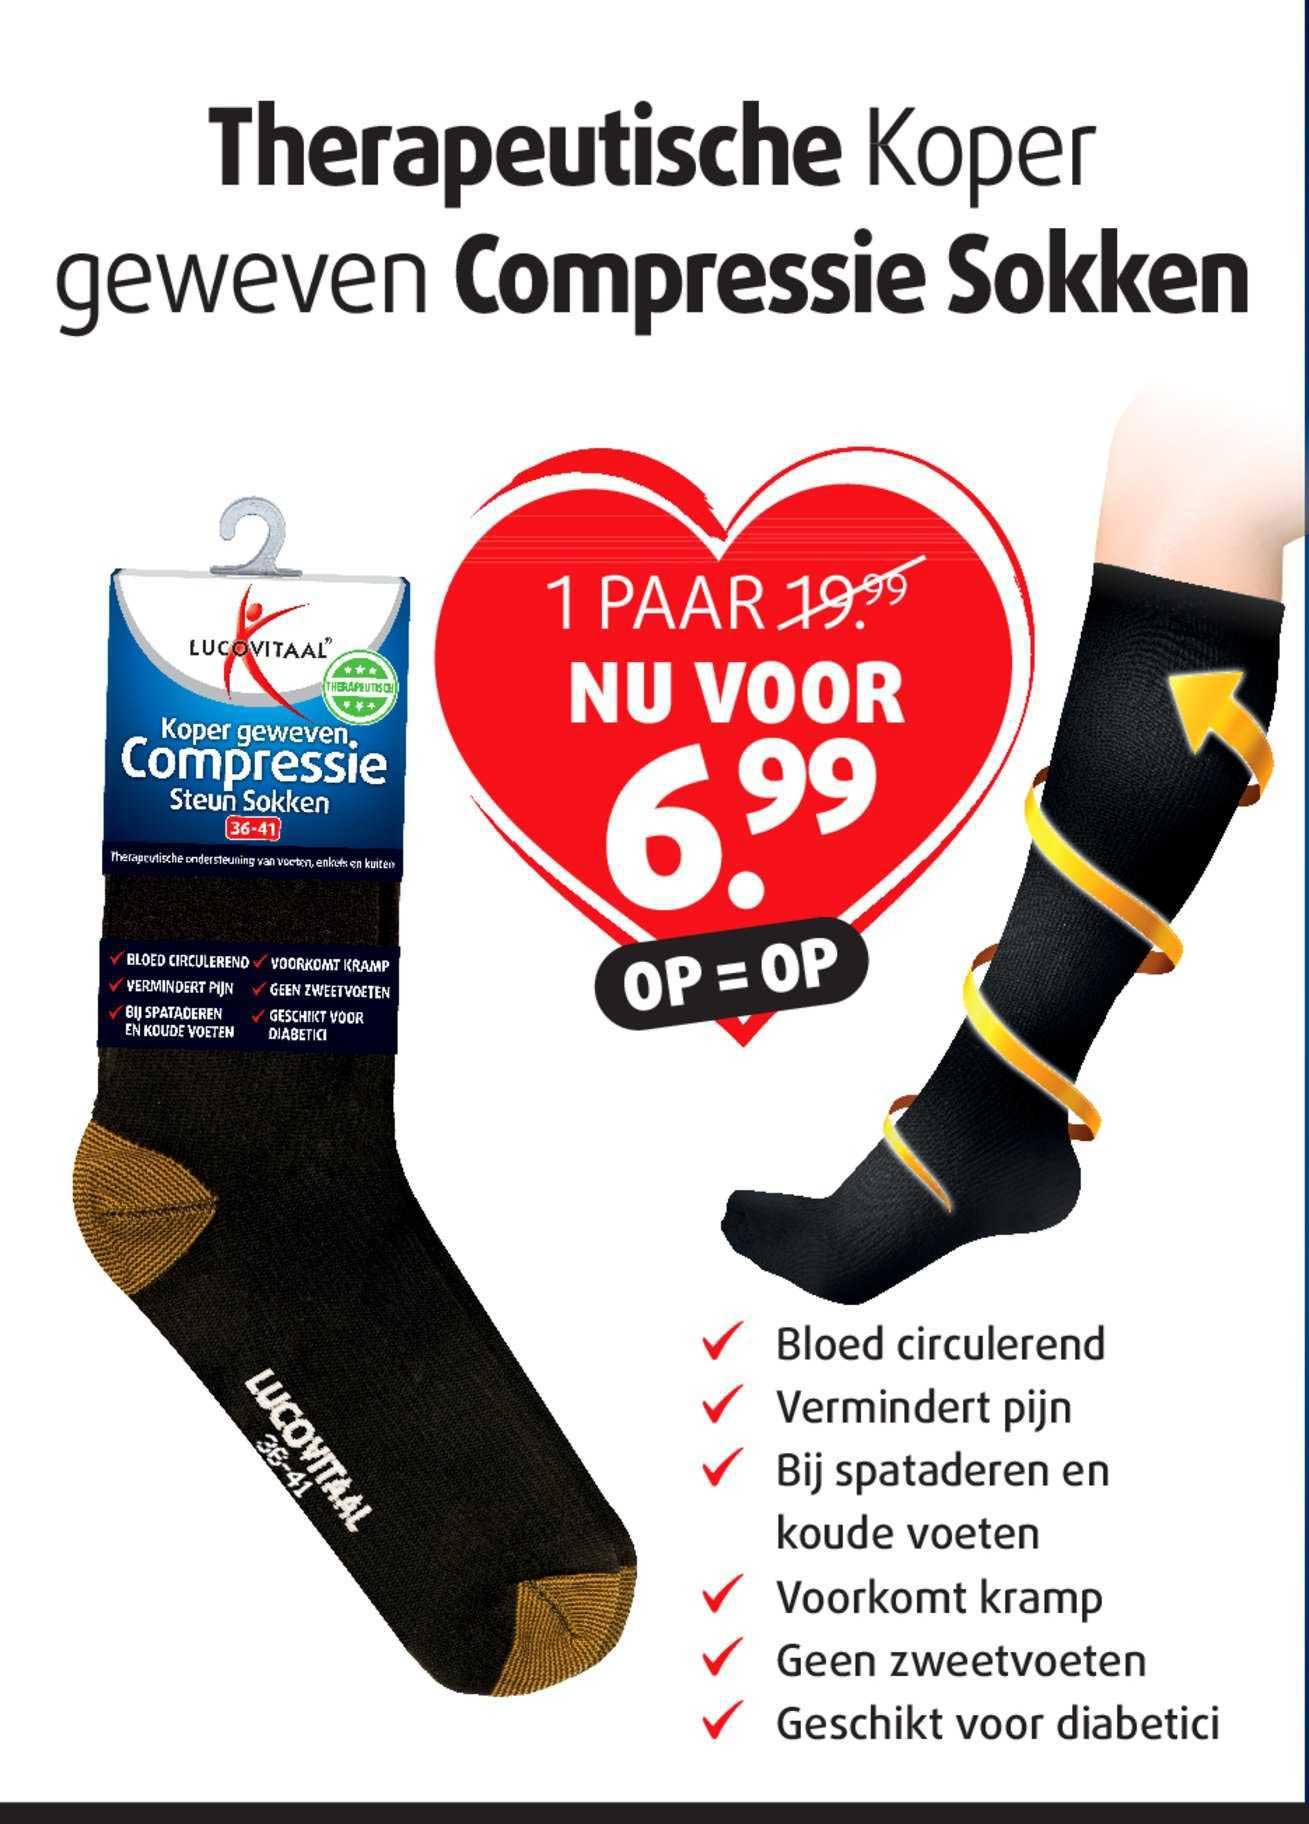 Lucovitaal Koper Geweven Compressie Steun Sokken